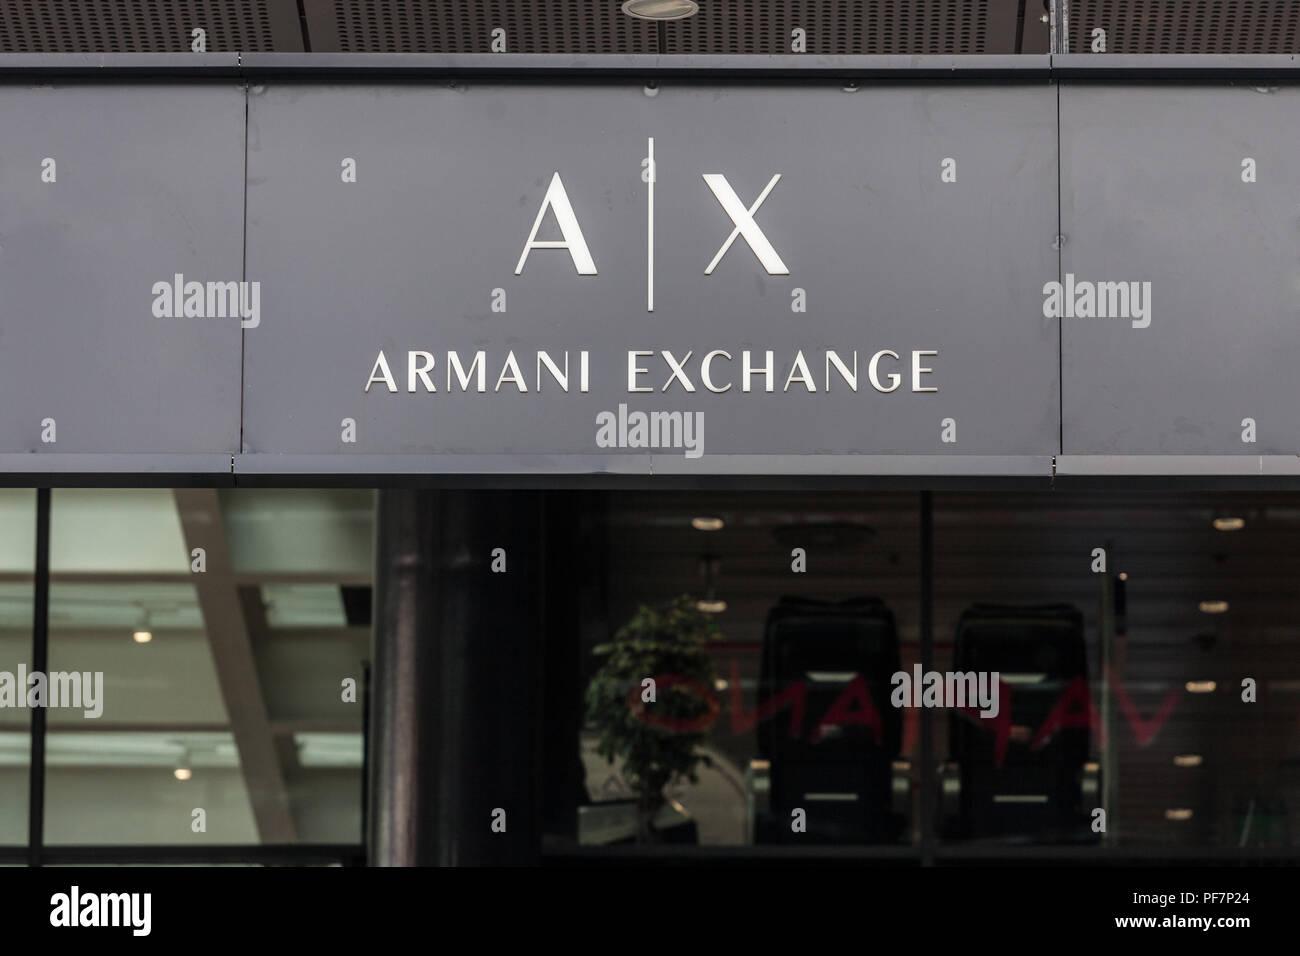 armani exchange brand